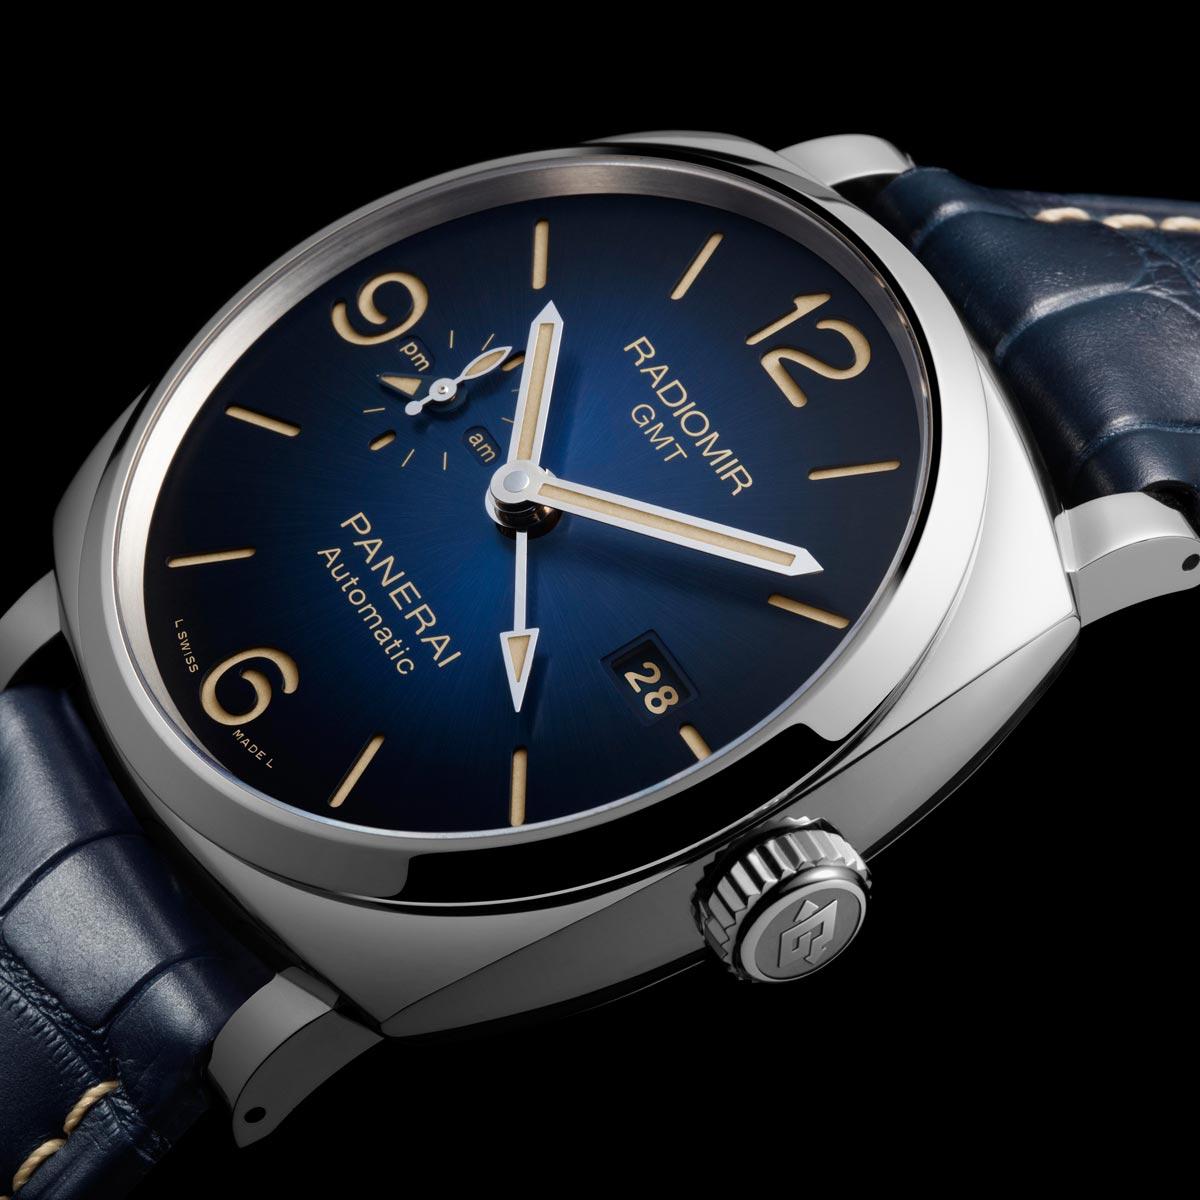 La Cote des Montres : Photo - Les nouvelles montres Panerai Radiomir 1940 3 Days Blue Dials